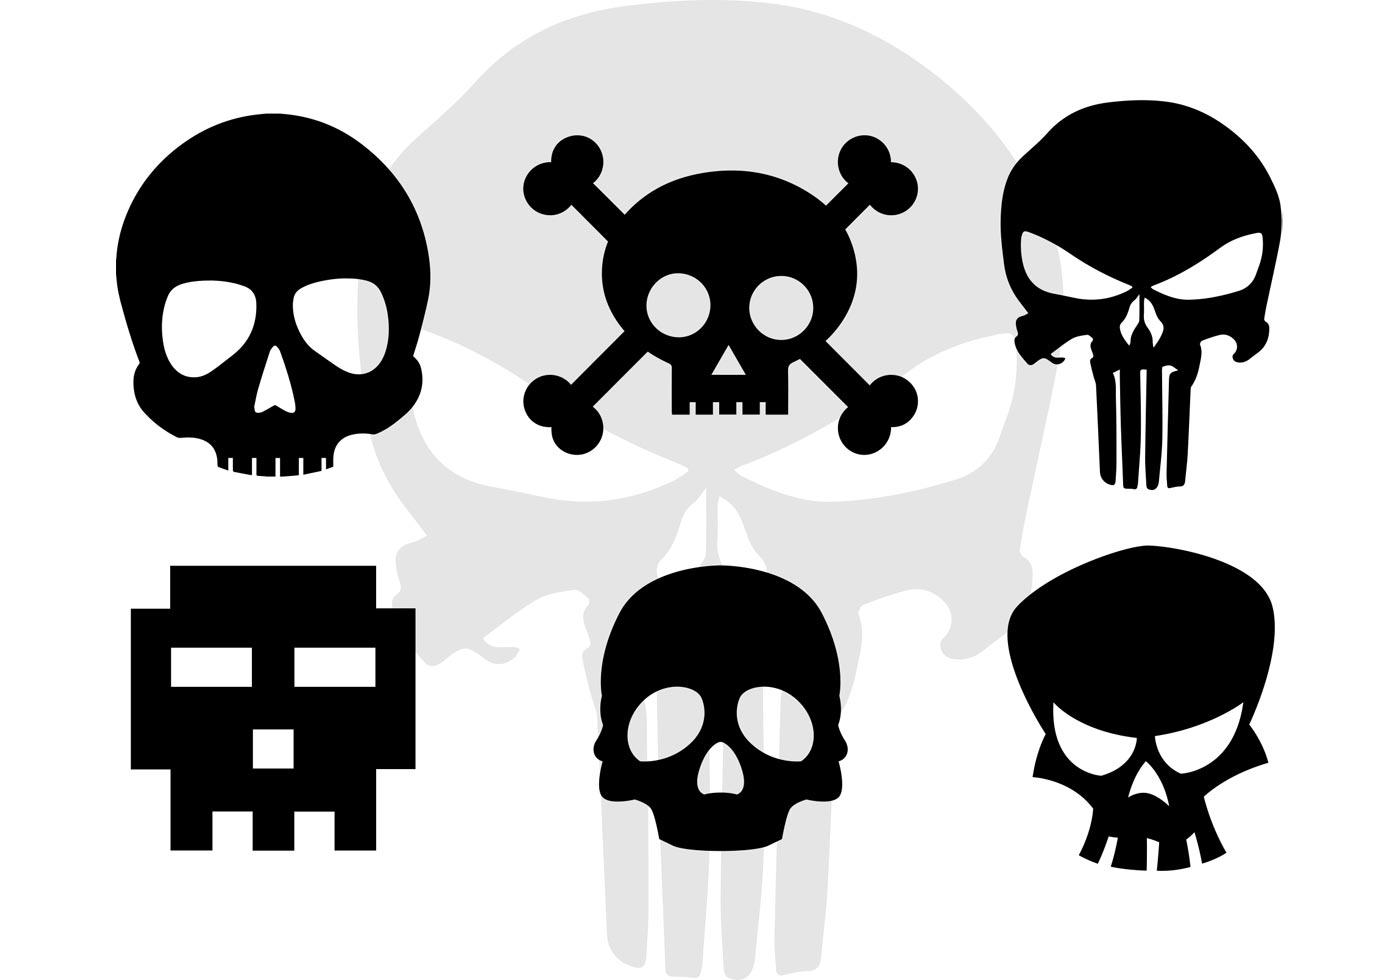 Skull Vector Cartoonish Skull Silhouettes - Download Free ...